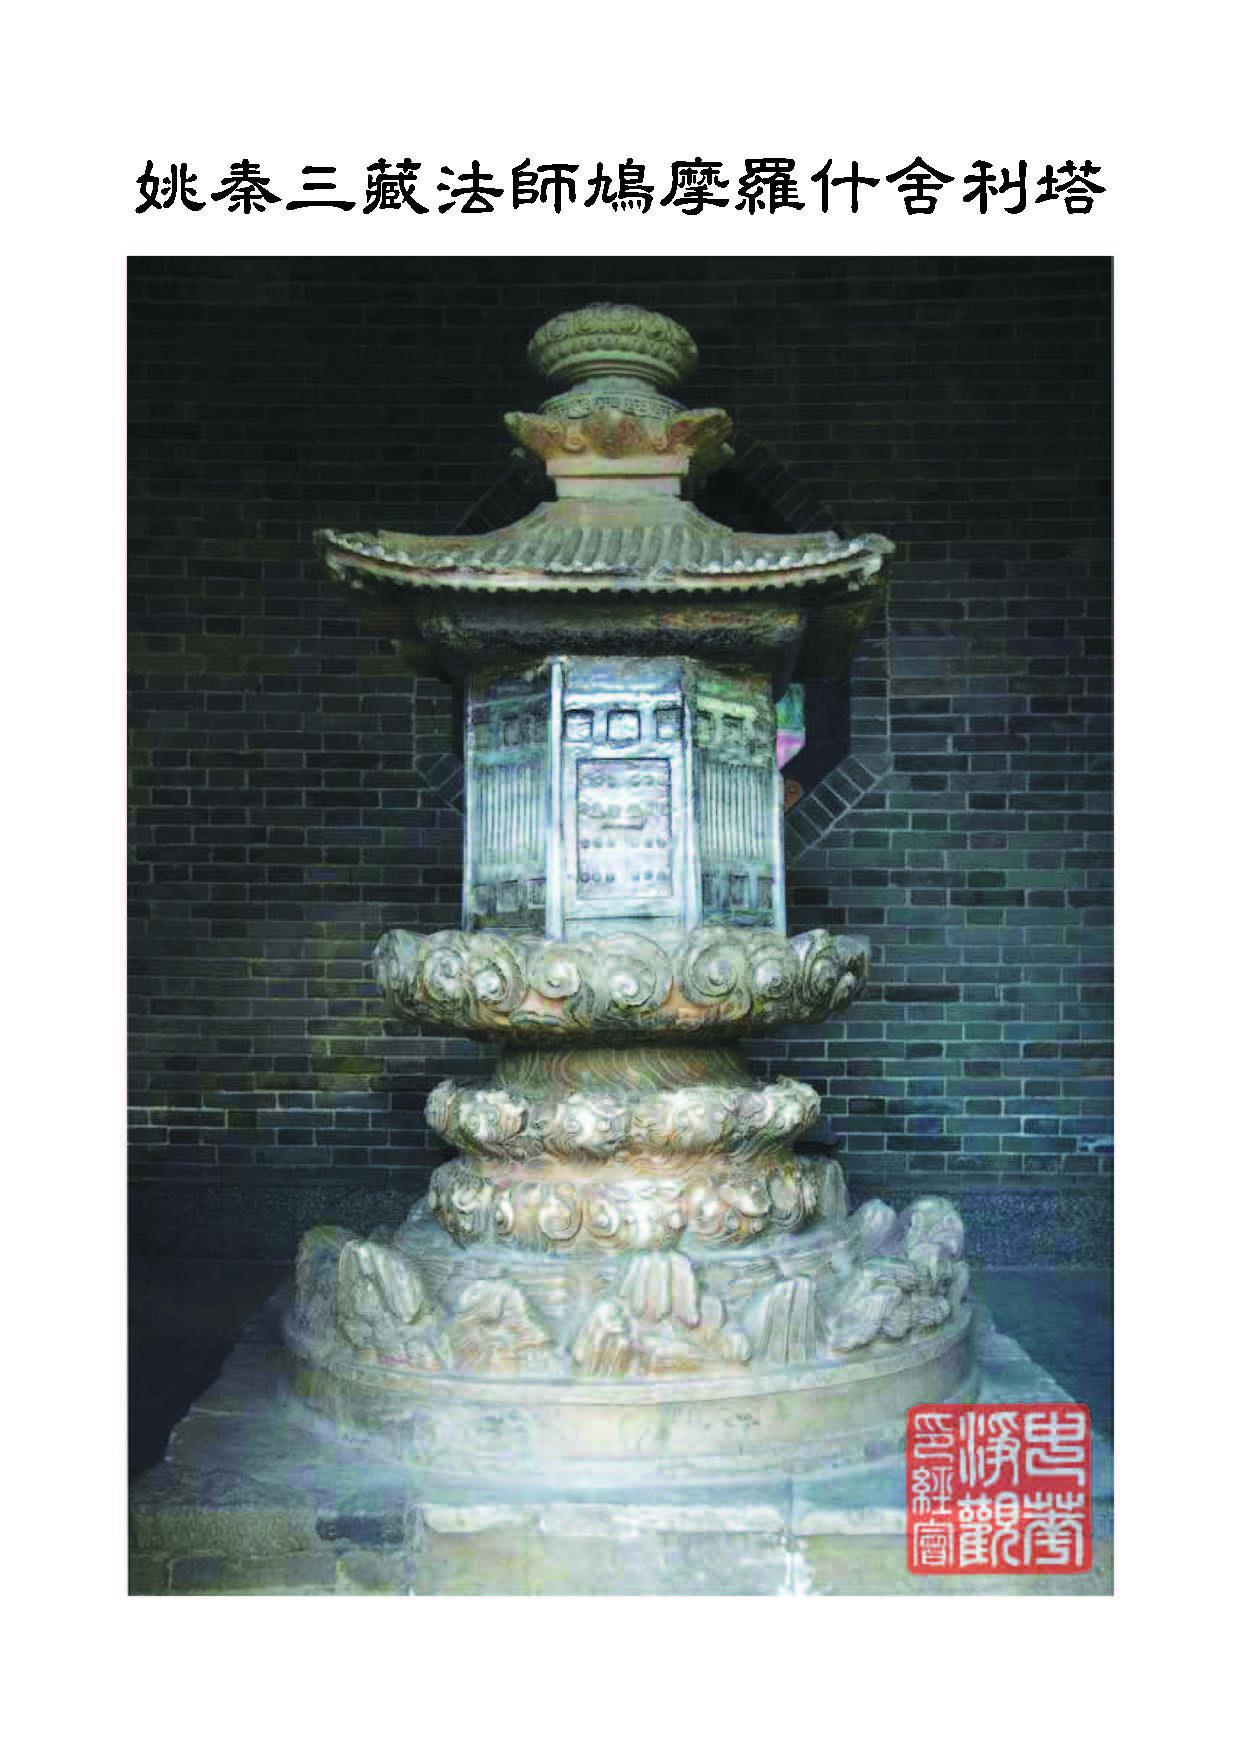 Book_FHJ_HK-A6-PY_823_页面_04.jpg